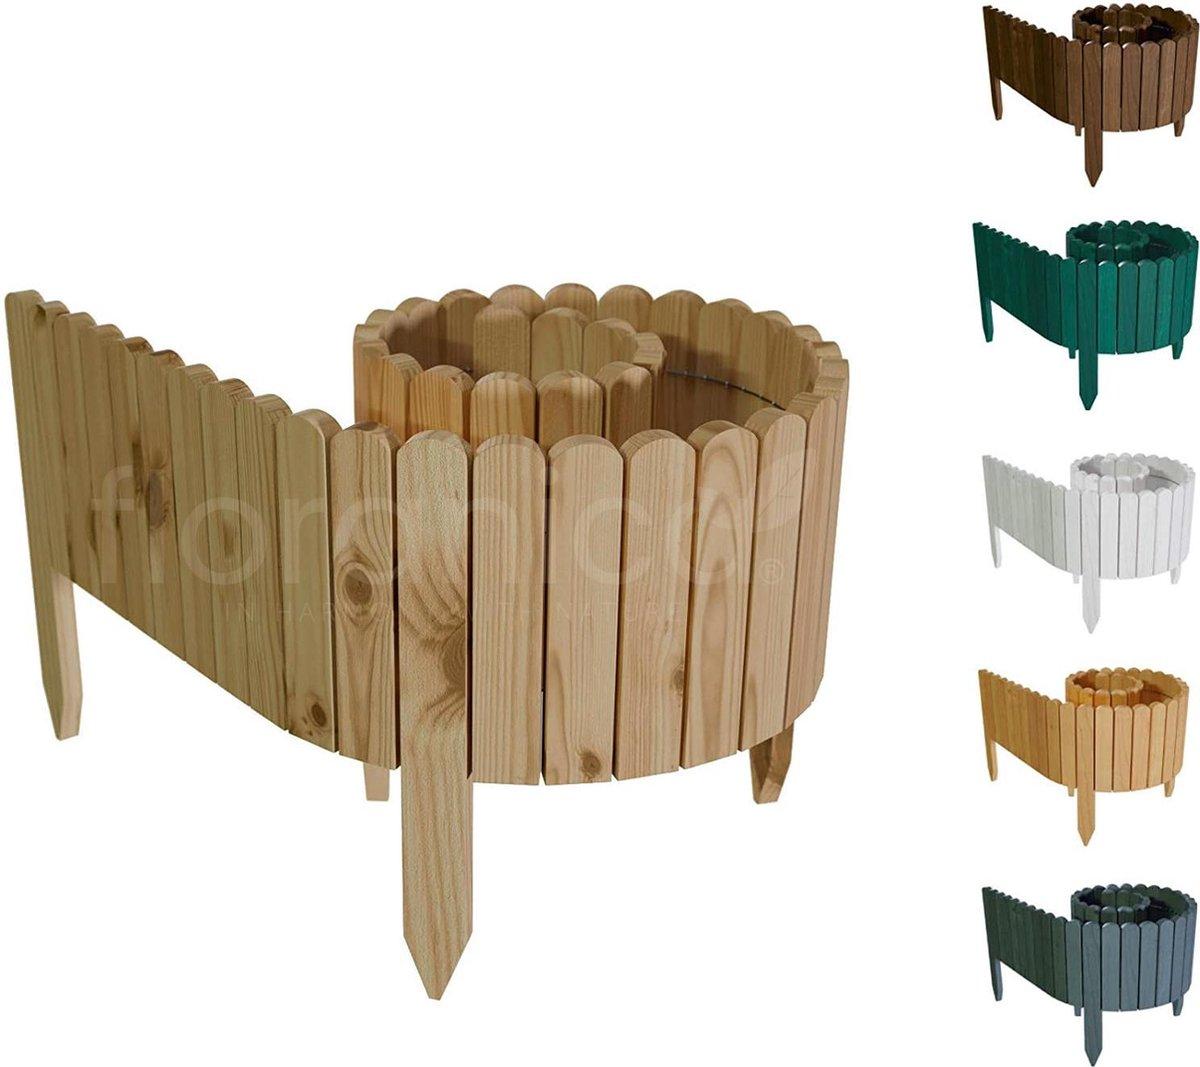 Floranica  Rollborder   Flexibele houten omheining   Onbehandeld   hoogte 10cm   lengte 203cm (kan w